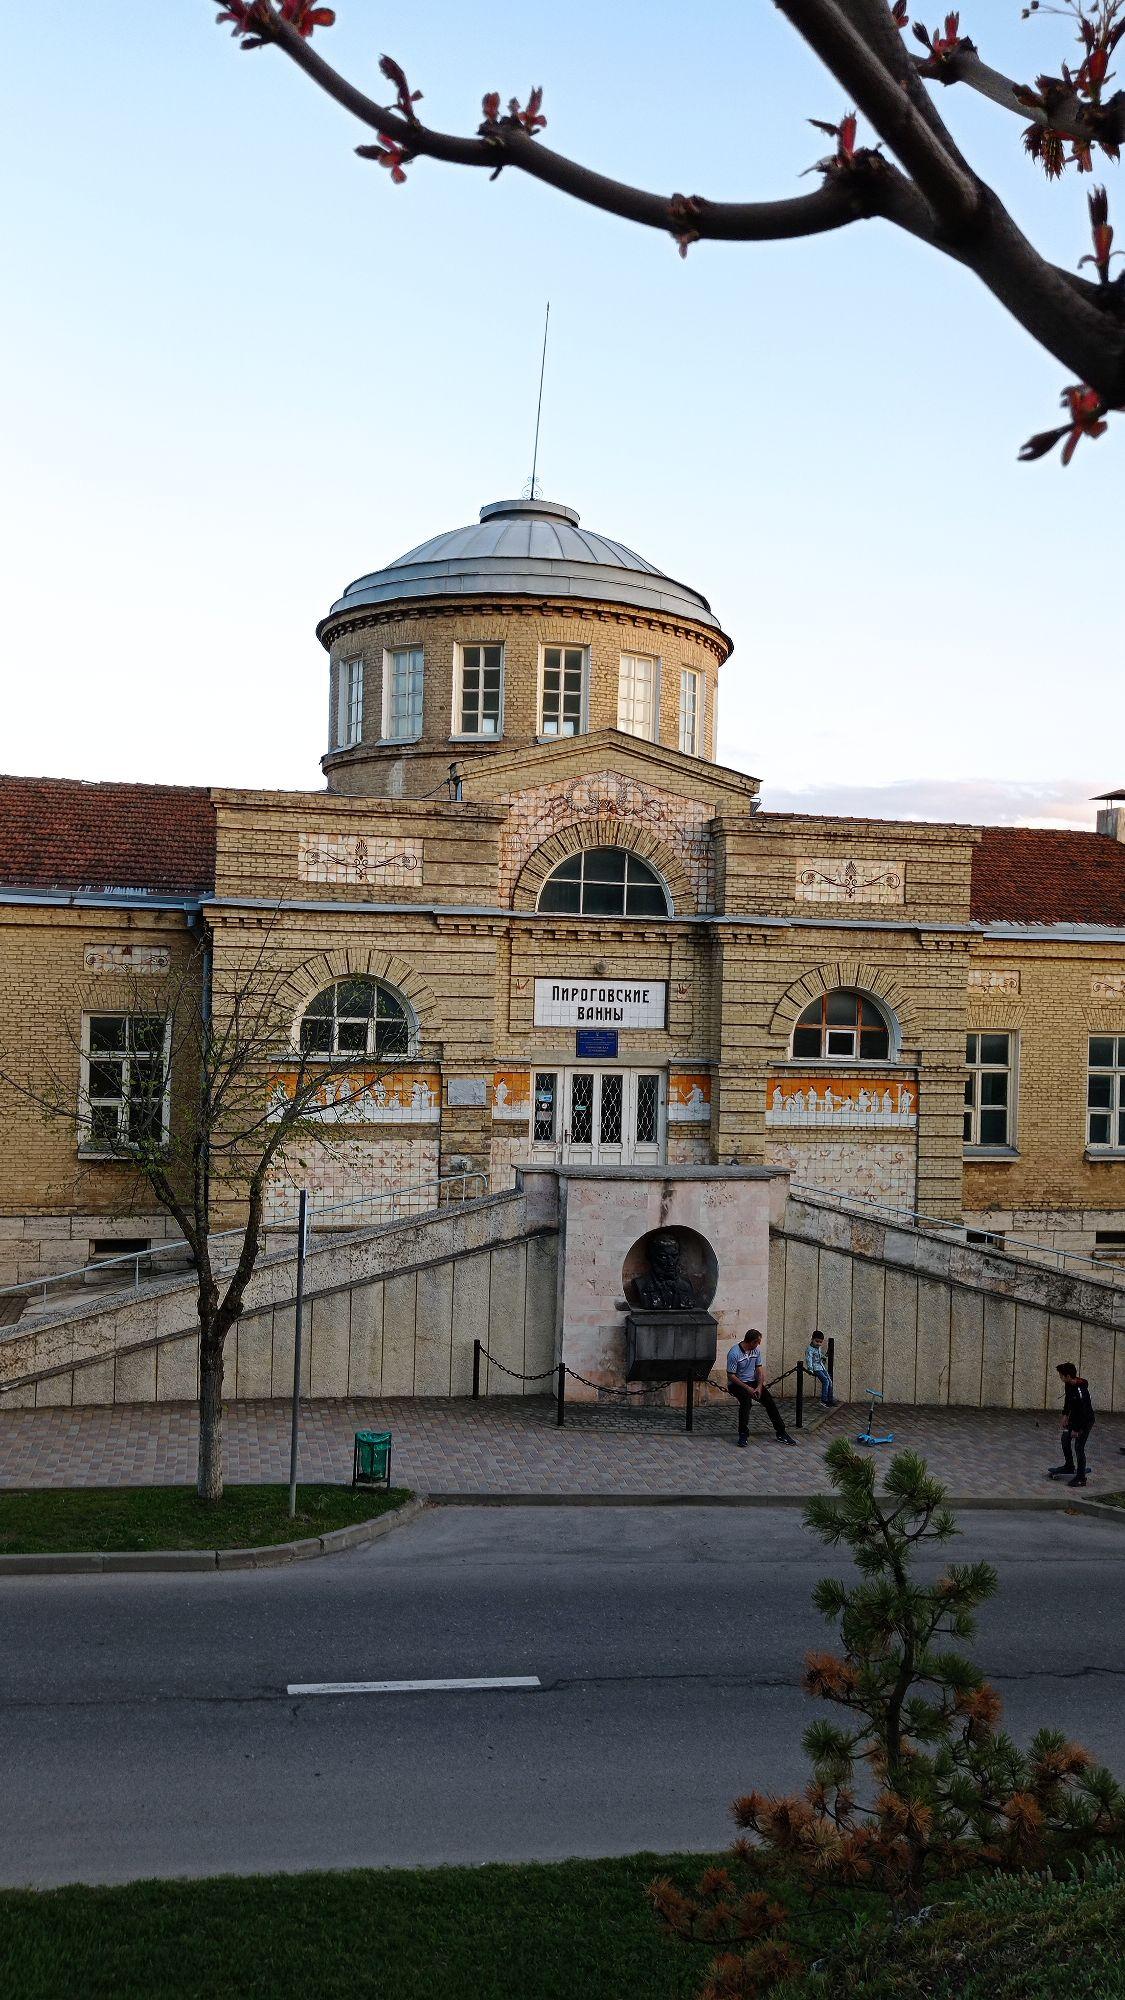 На Провальной аллее в 1900-х годах арх. А. Кузнецов построил провальные ванны, которые в советское время назвали Пироговскими. Перед ними бесстыжие и дикие ванны, но я их не фоткала.